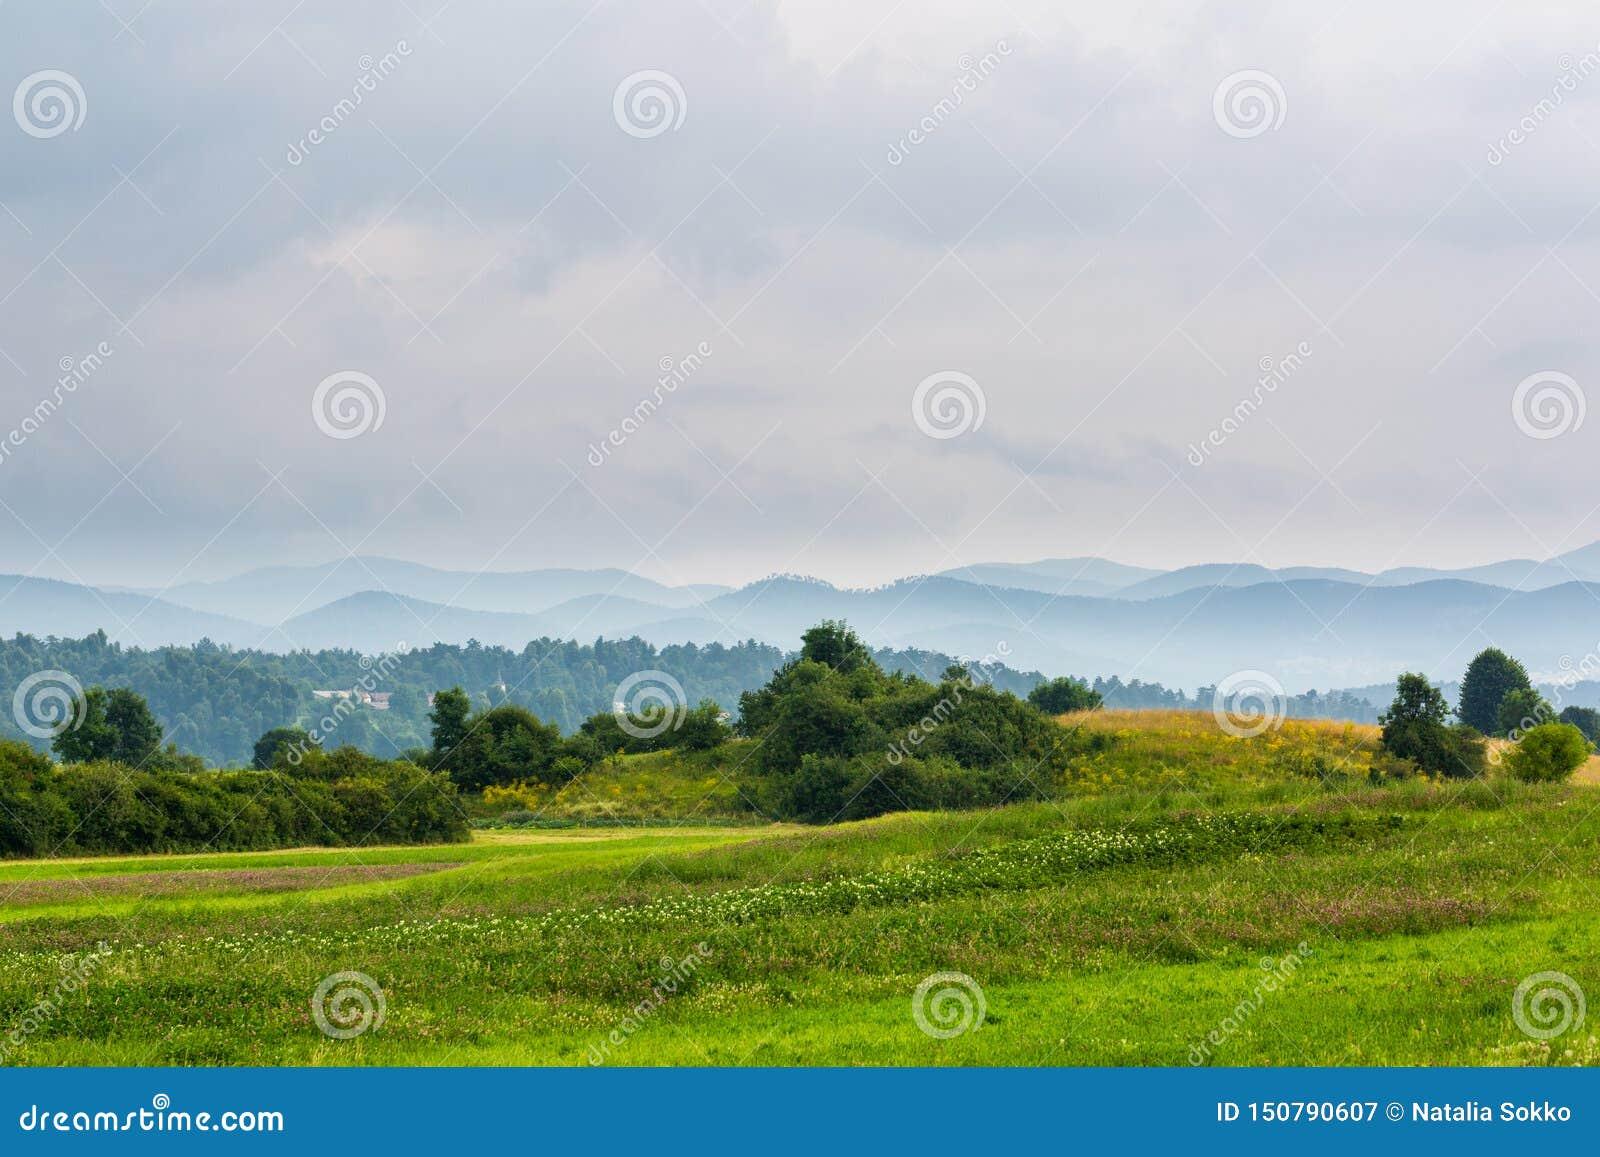 Bello paesaggio con il prato e le colline